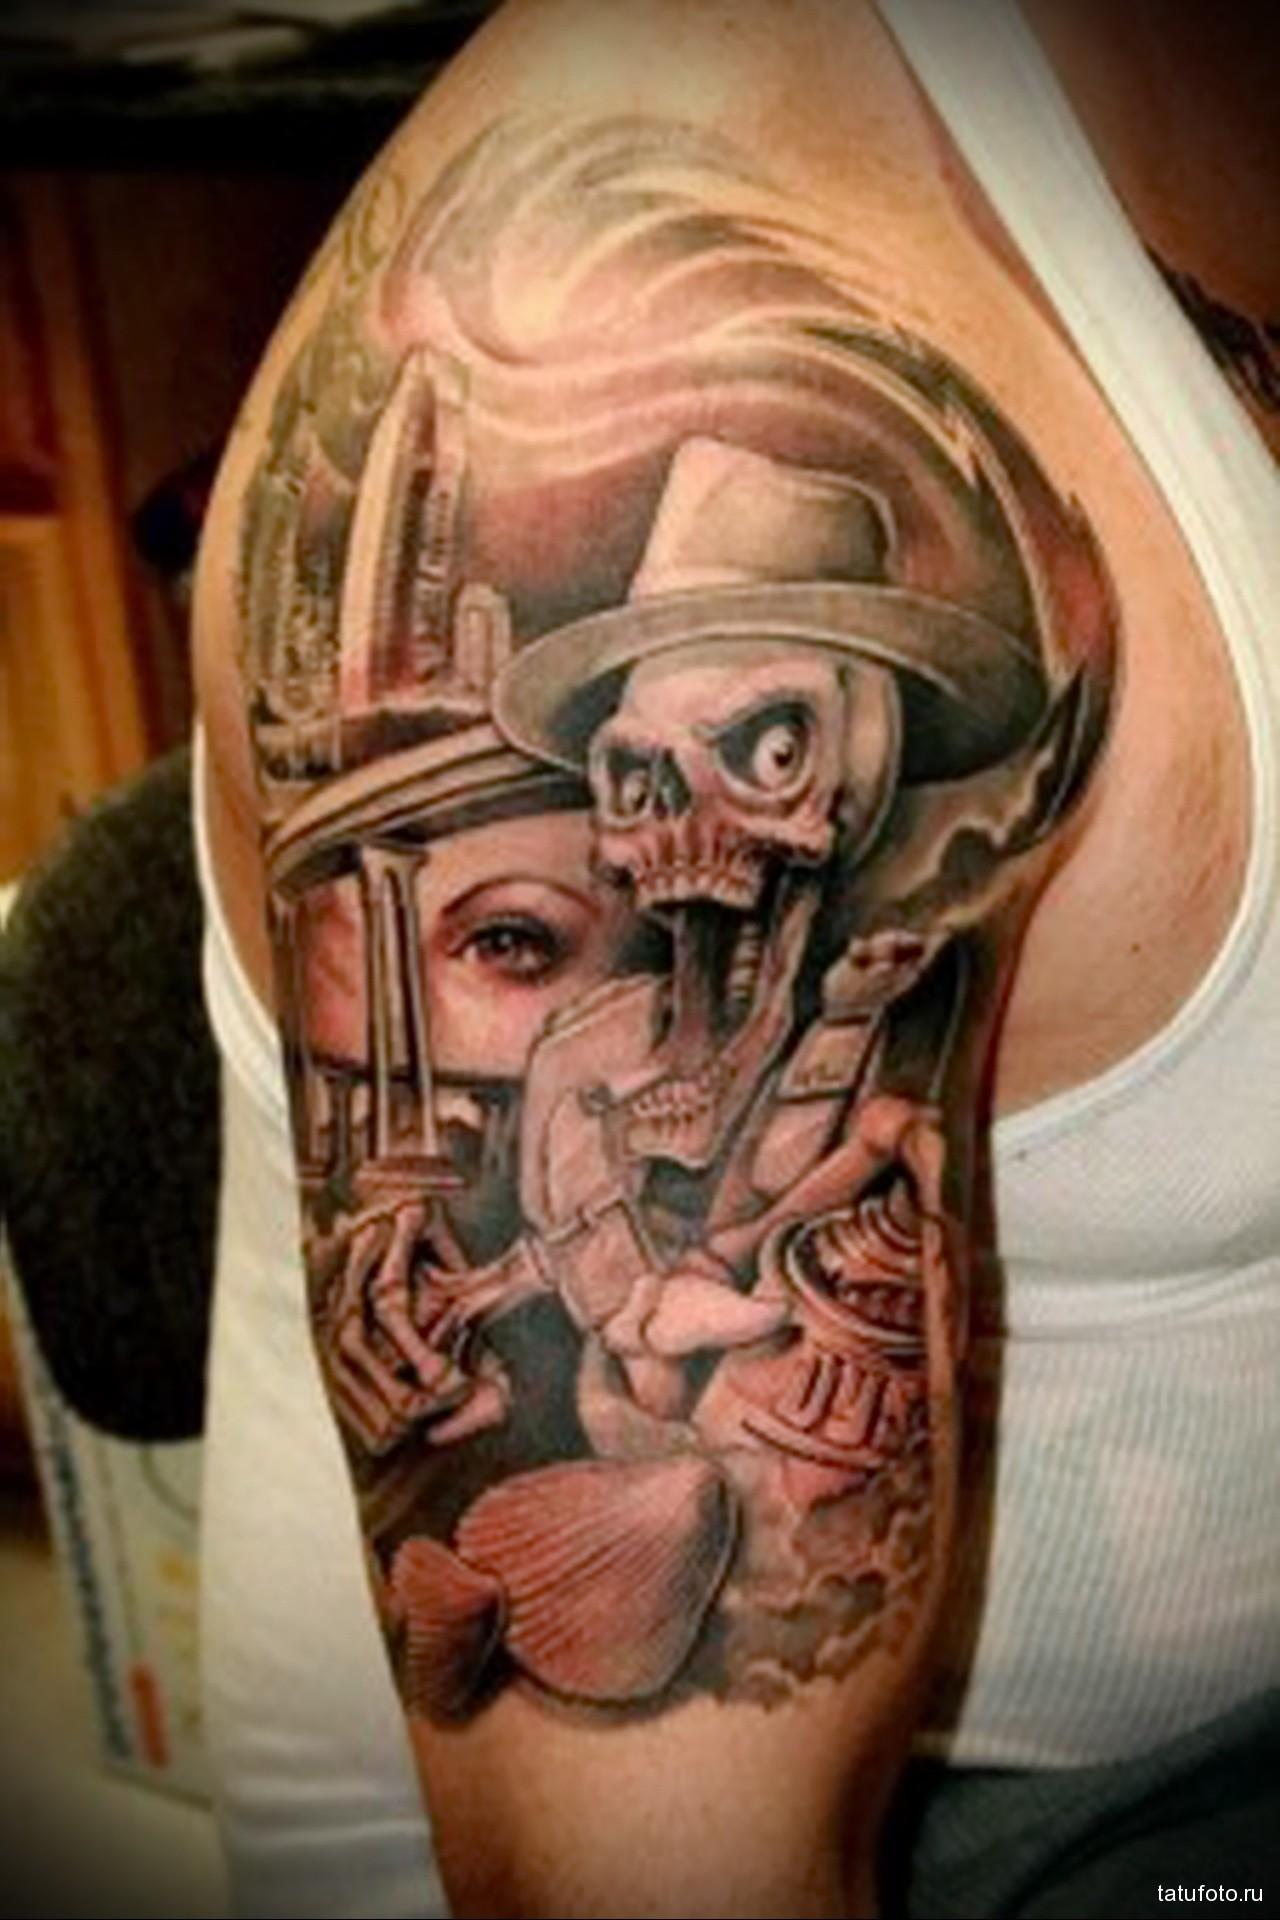 тату со страшеным черепом в шляпе - мужская татуировка на плече